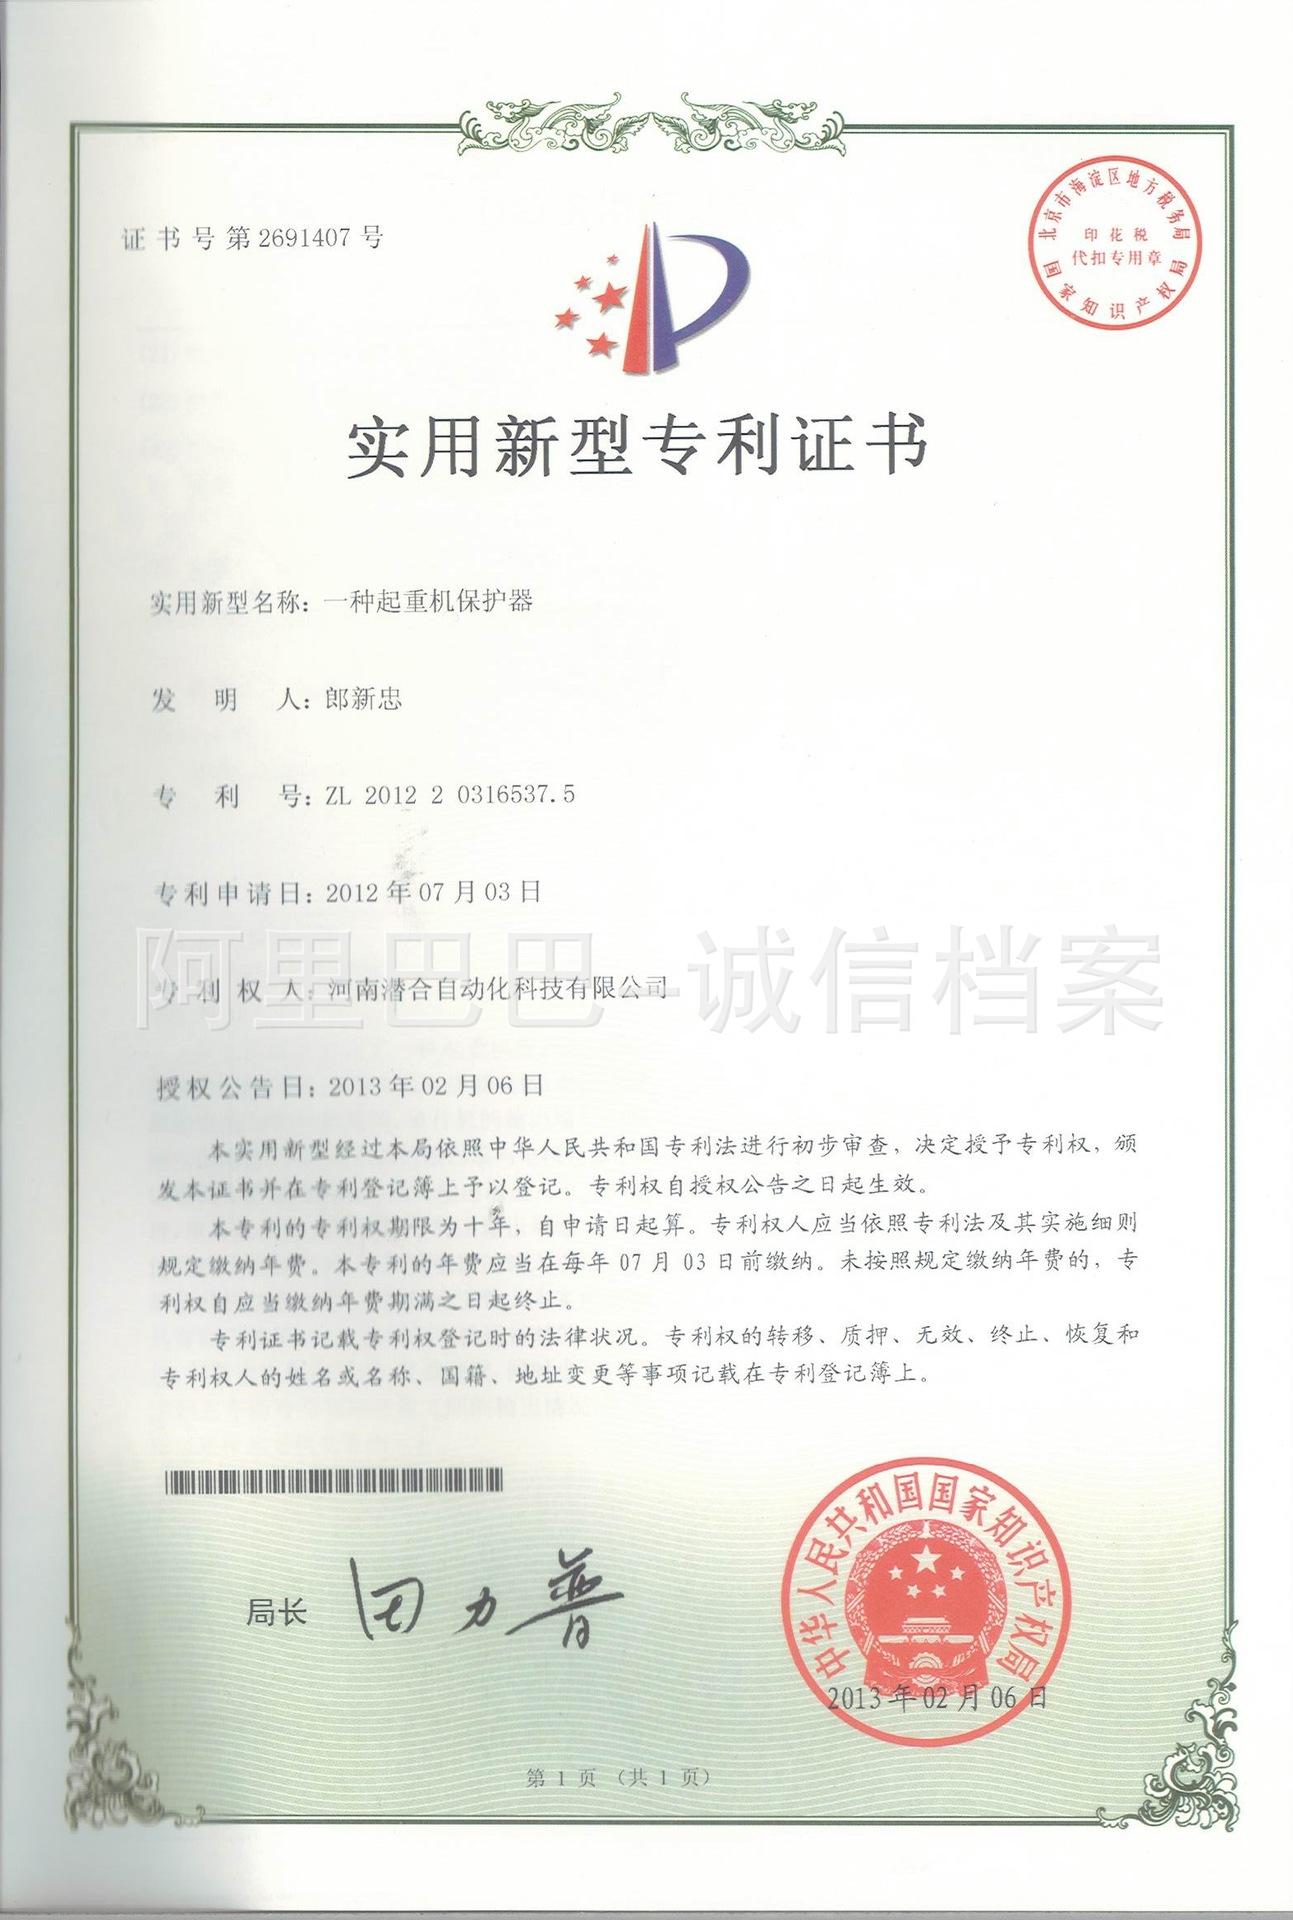 河南潜合专利一种起重机保护器